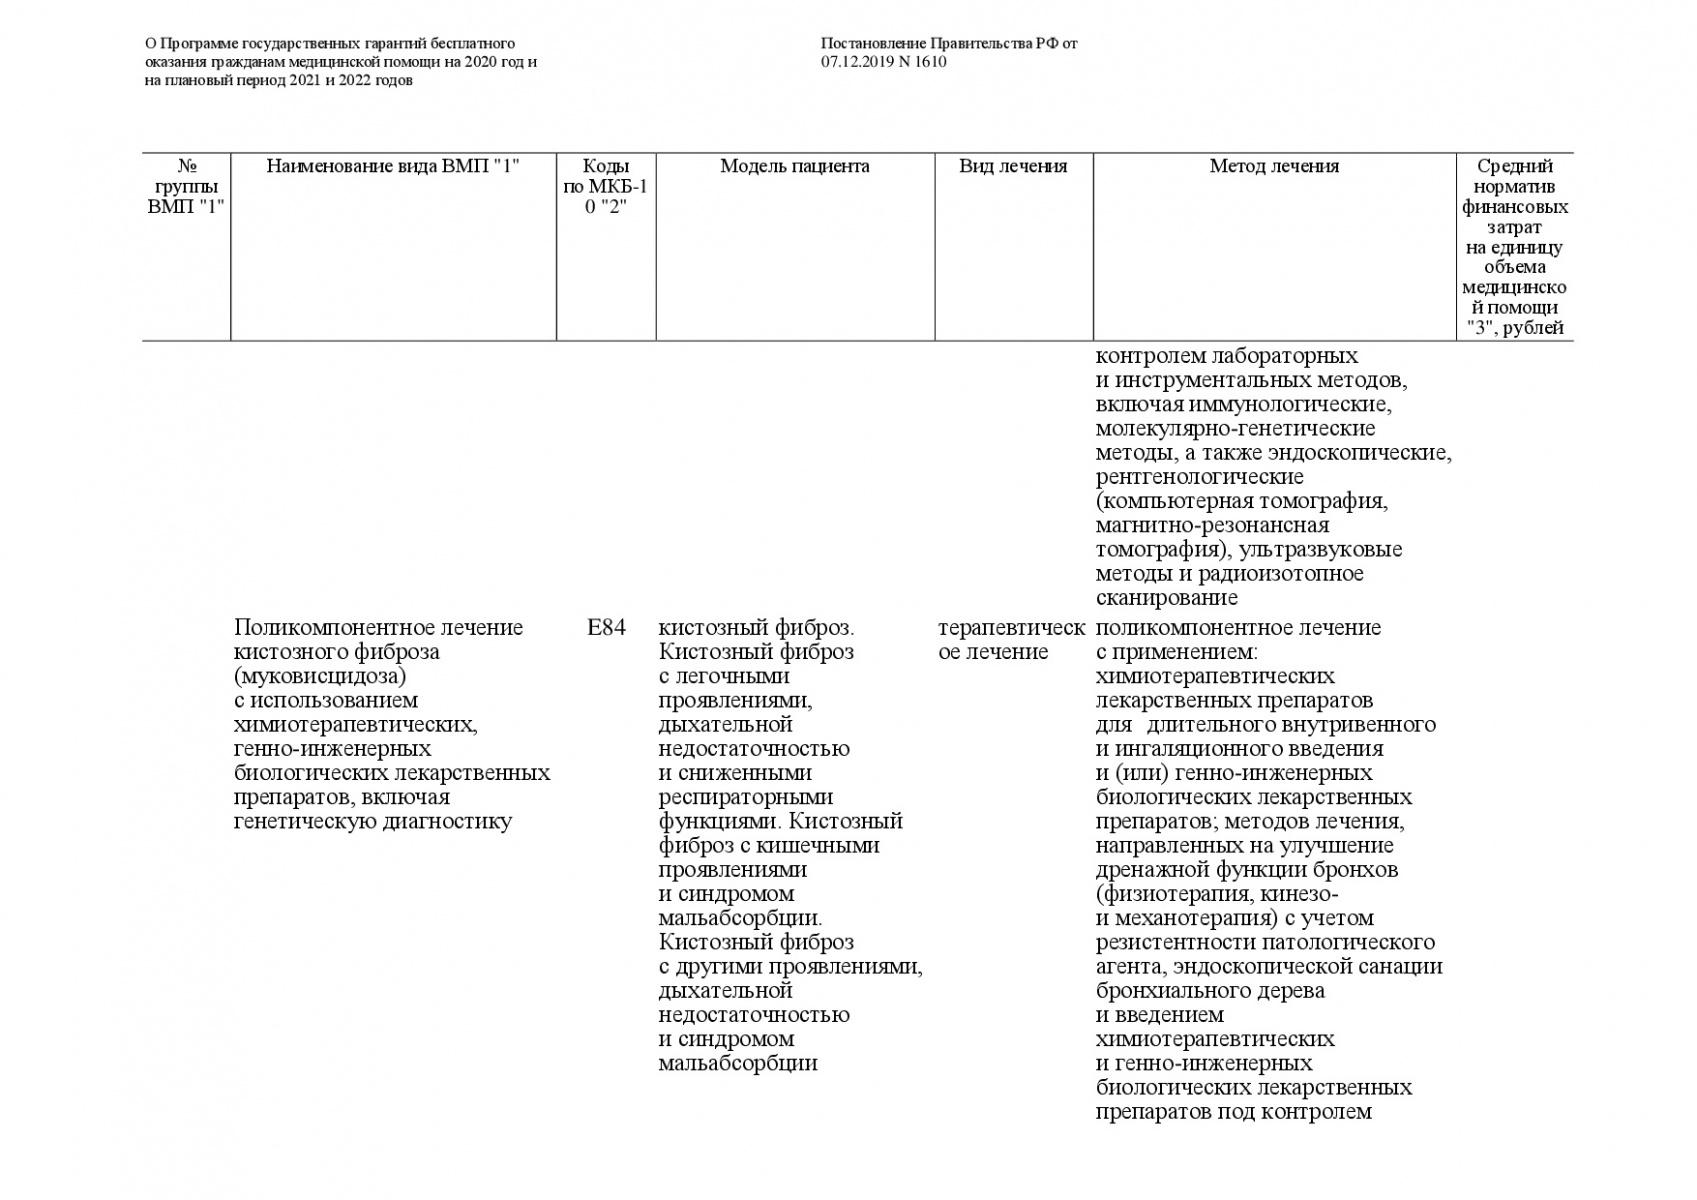 Postanovlenie-Pravitelstva-RF-ot-07_12_2019-1610-O-PGG-249